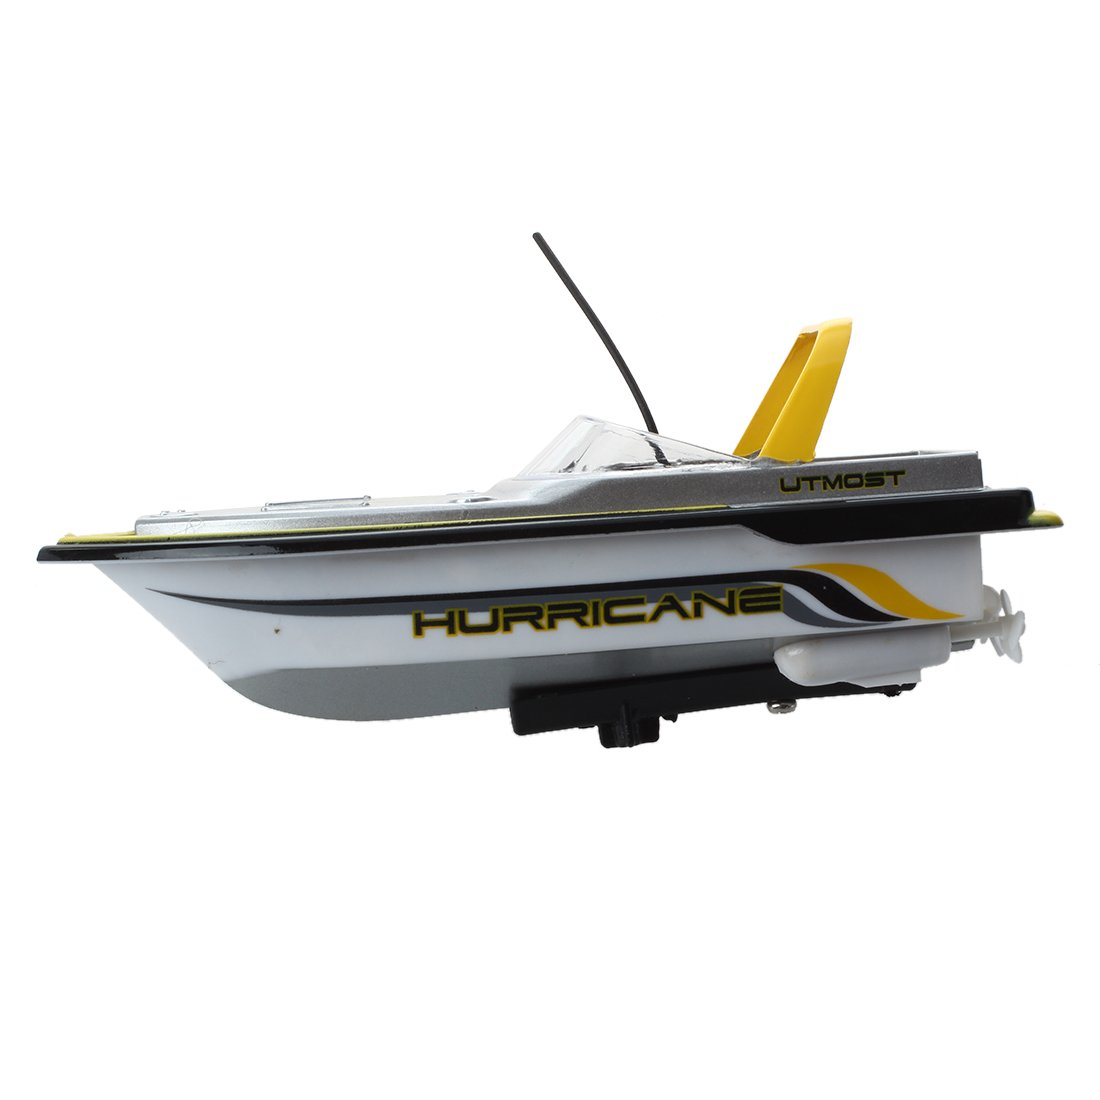 SODIAL(R) 3352 MINI BARCA MOTOSCAFO YACHT RADIOCOMANDATO RC GIALLO SODIAL (R) 017277